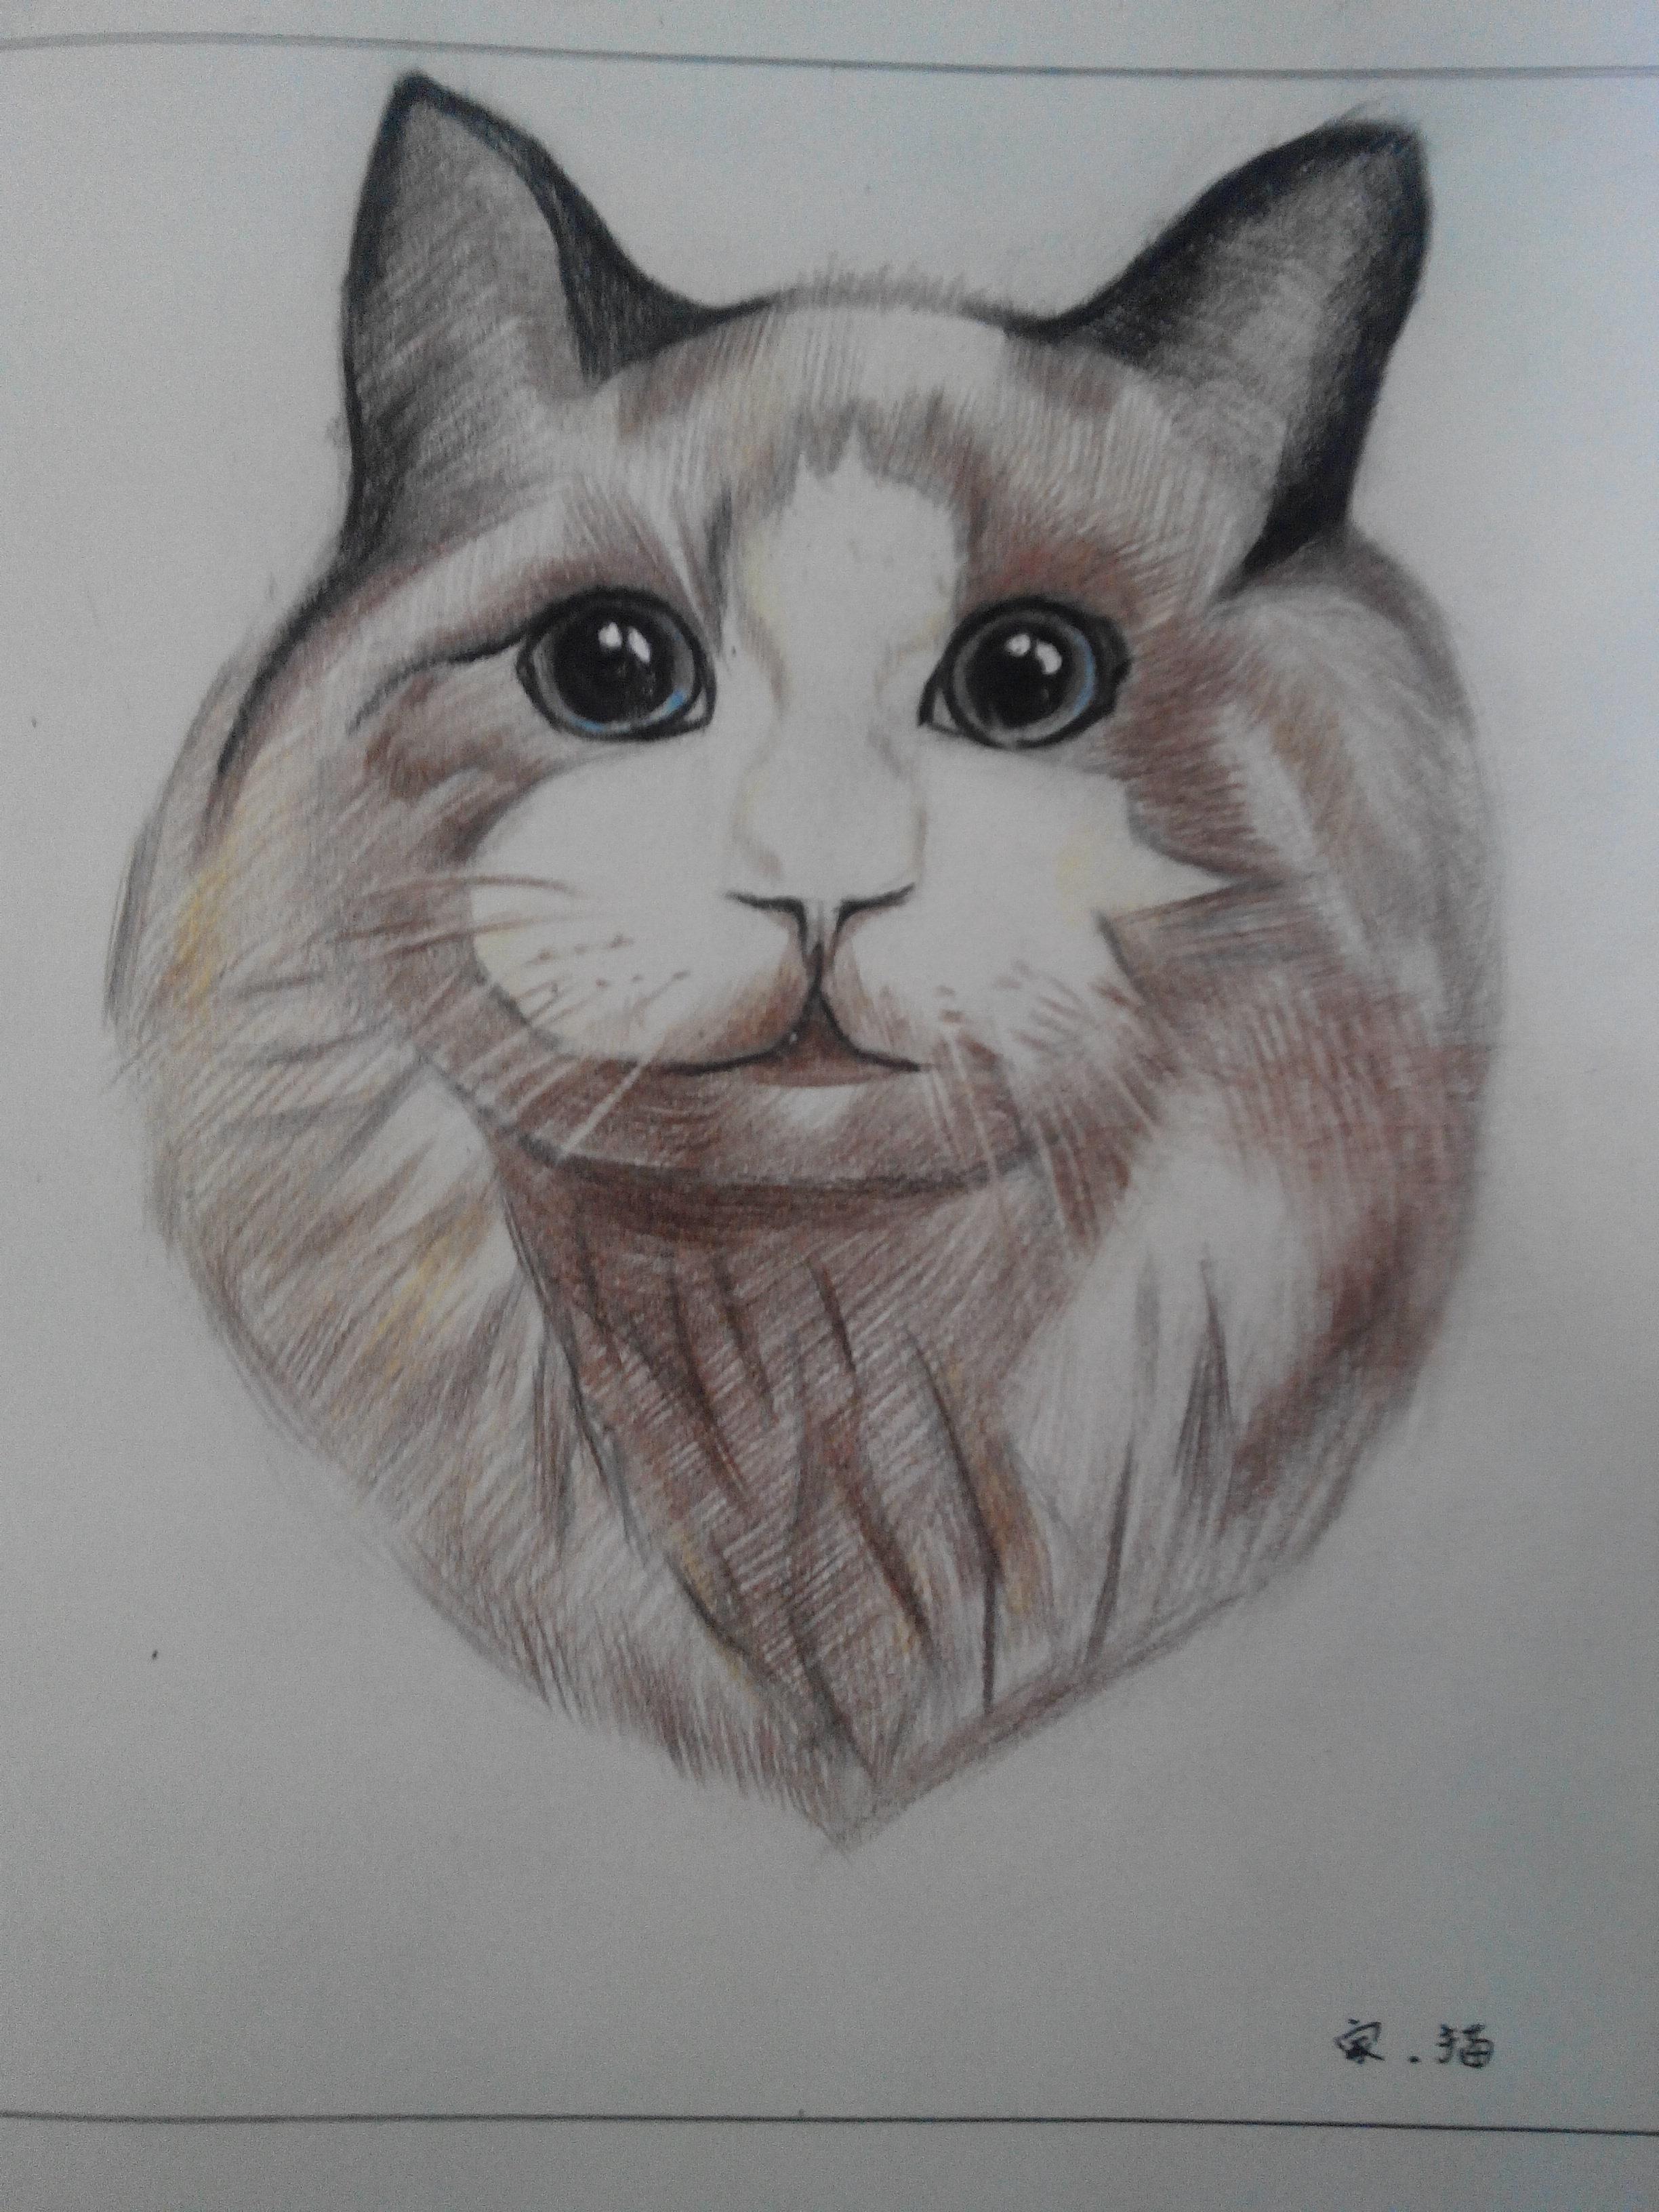 第四次画彩铅 动物